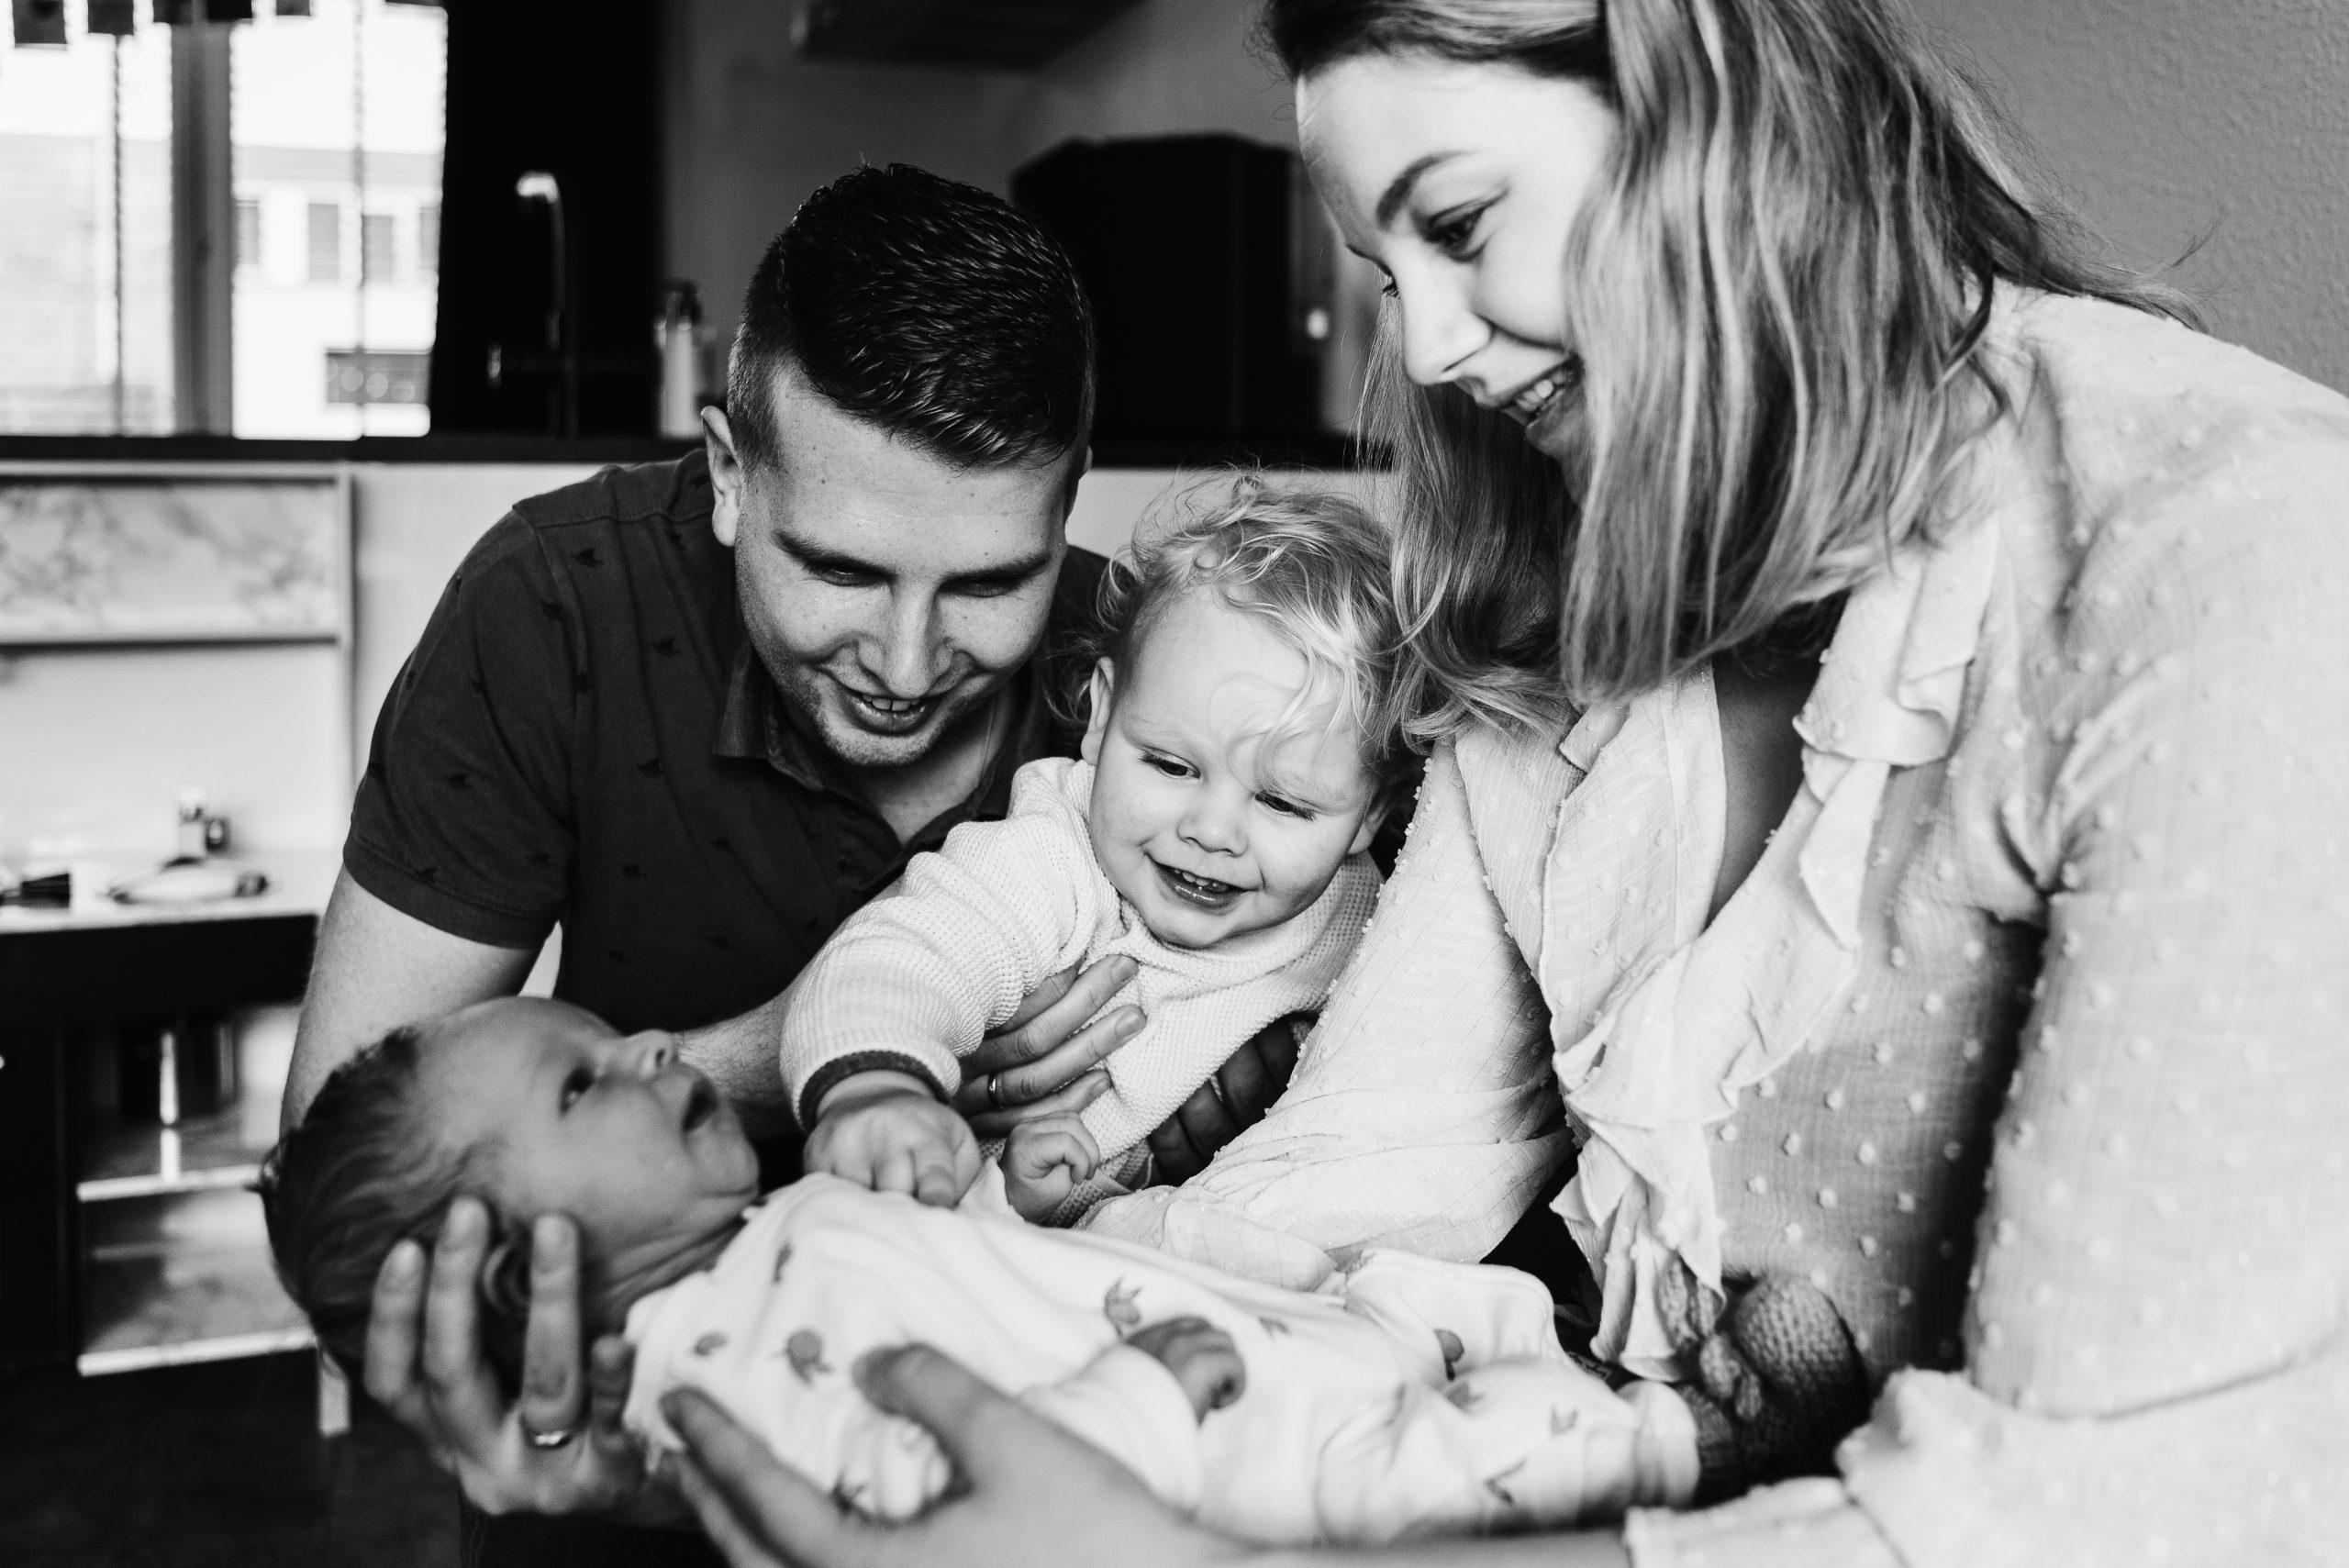 Pasgeboren kindje, newbornshoot, Assen, Fotograaf Assen, Gezinsfotograaf Assen, Familiefotograaf Assen, Gezinsfotograaf Drenthe, Familiefotograaf Drenthe, Gezin thuis fotograferen.